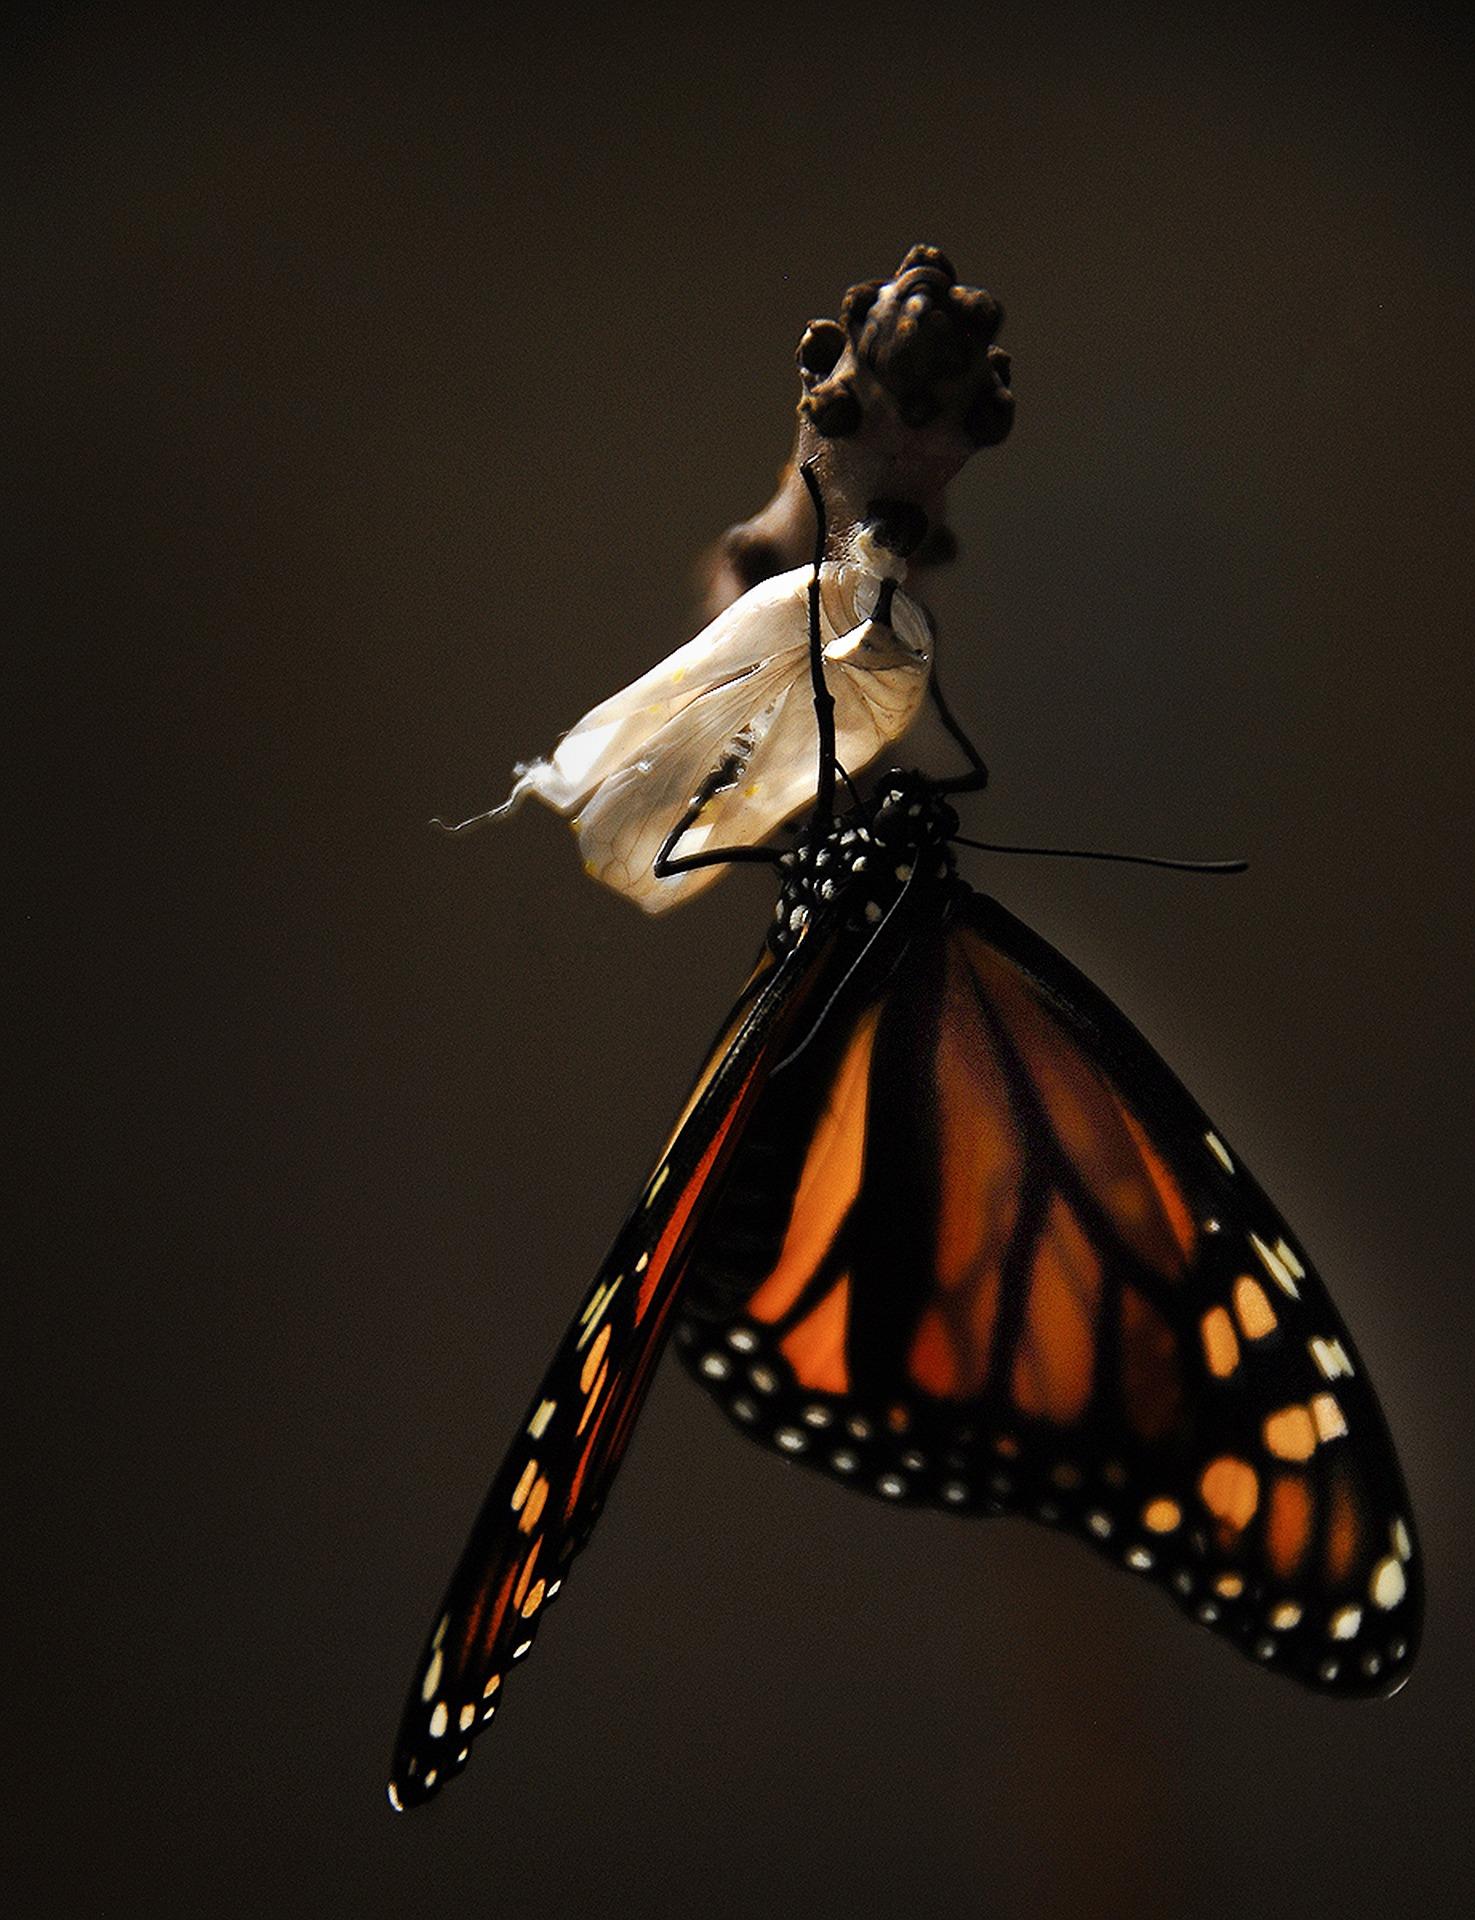 butterfly_change.jpg